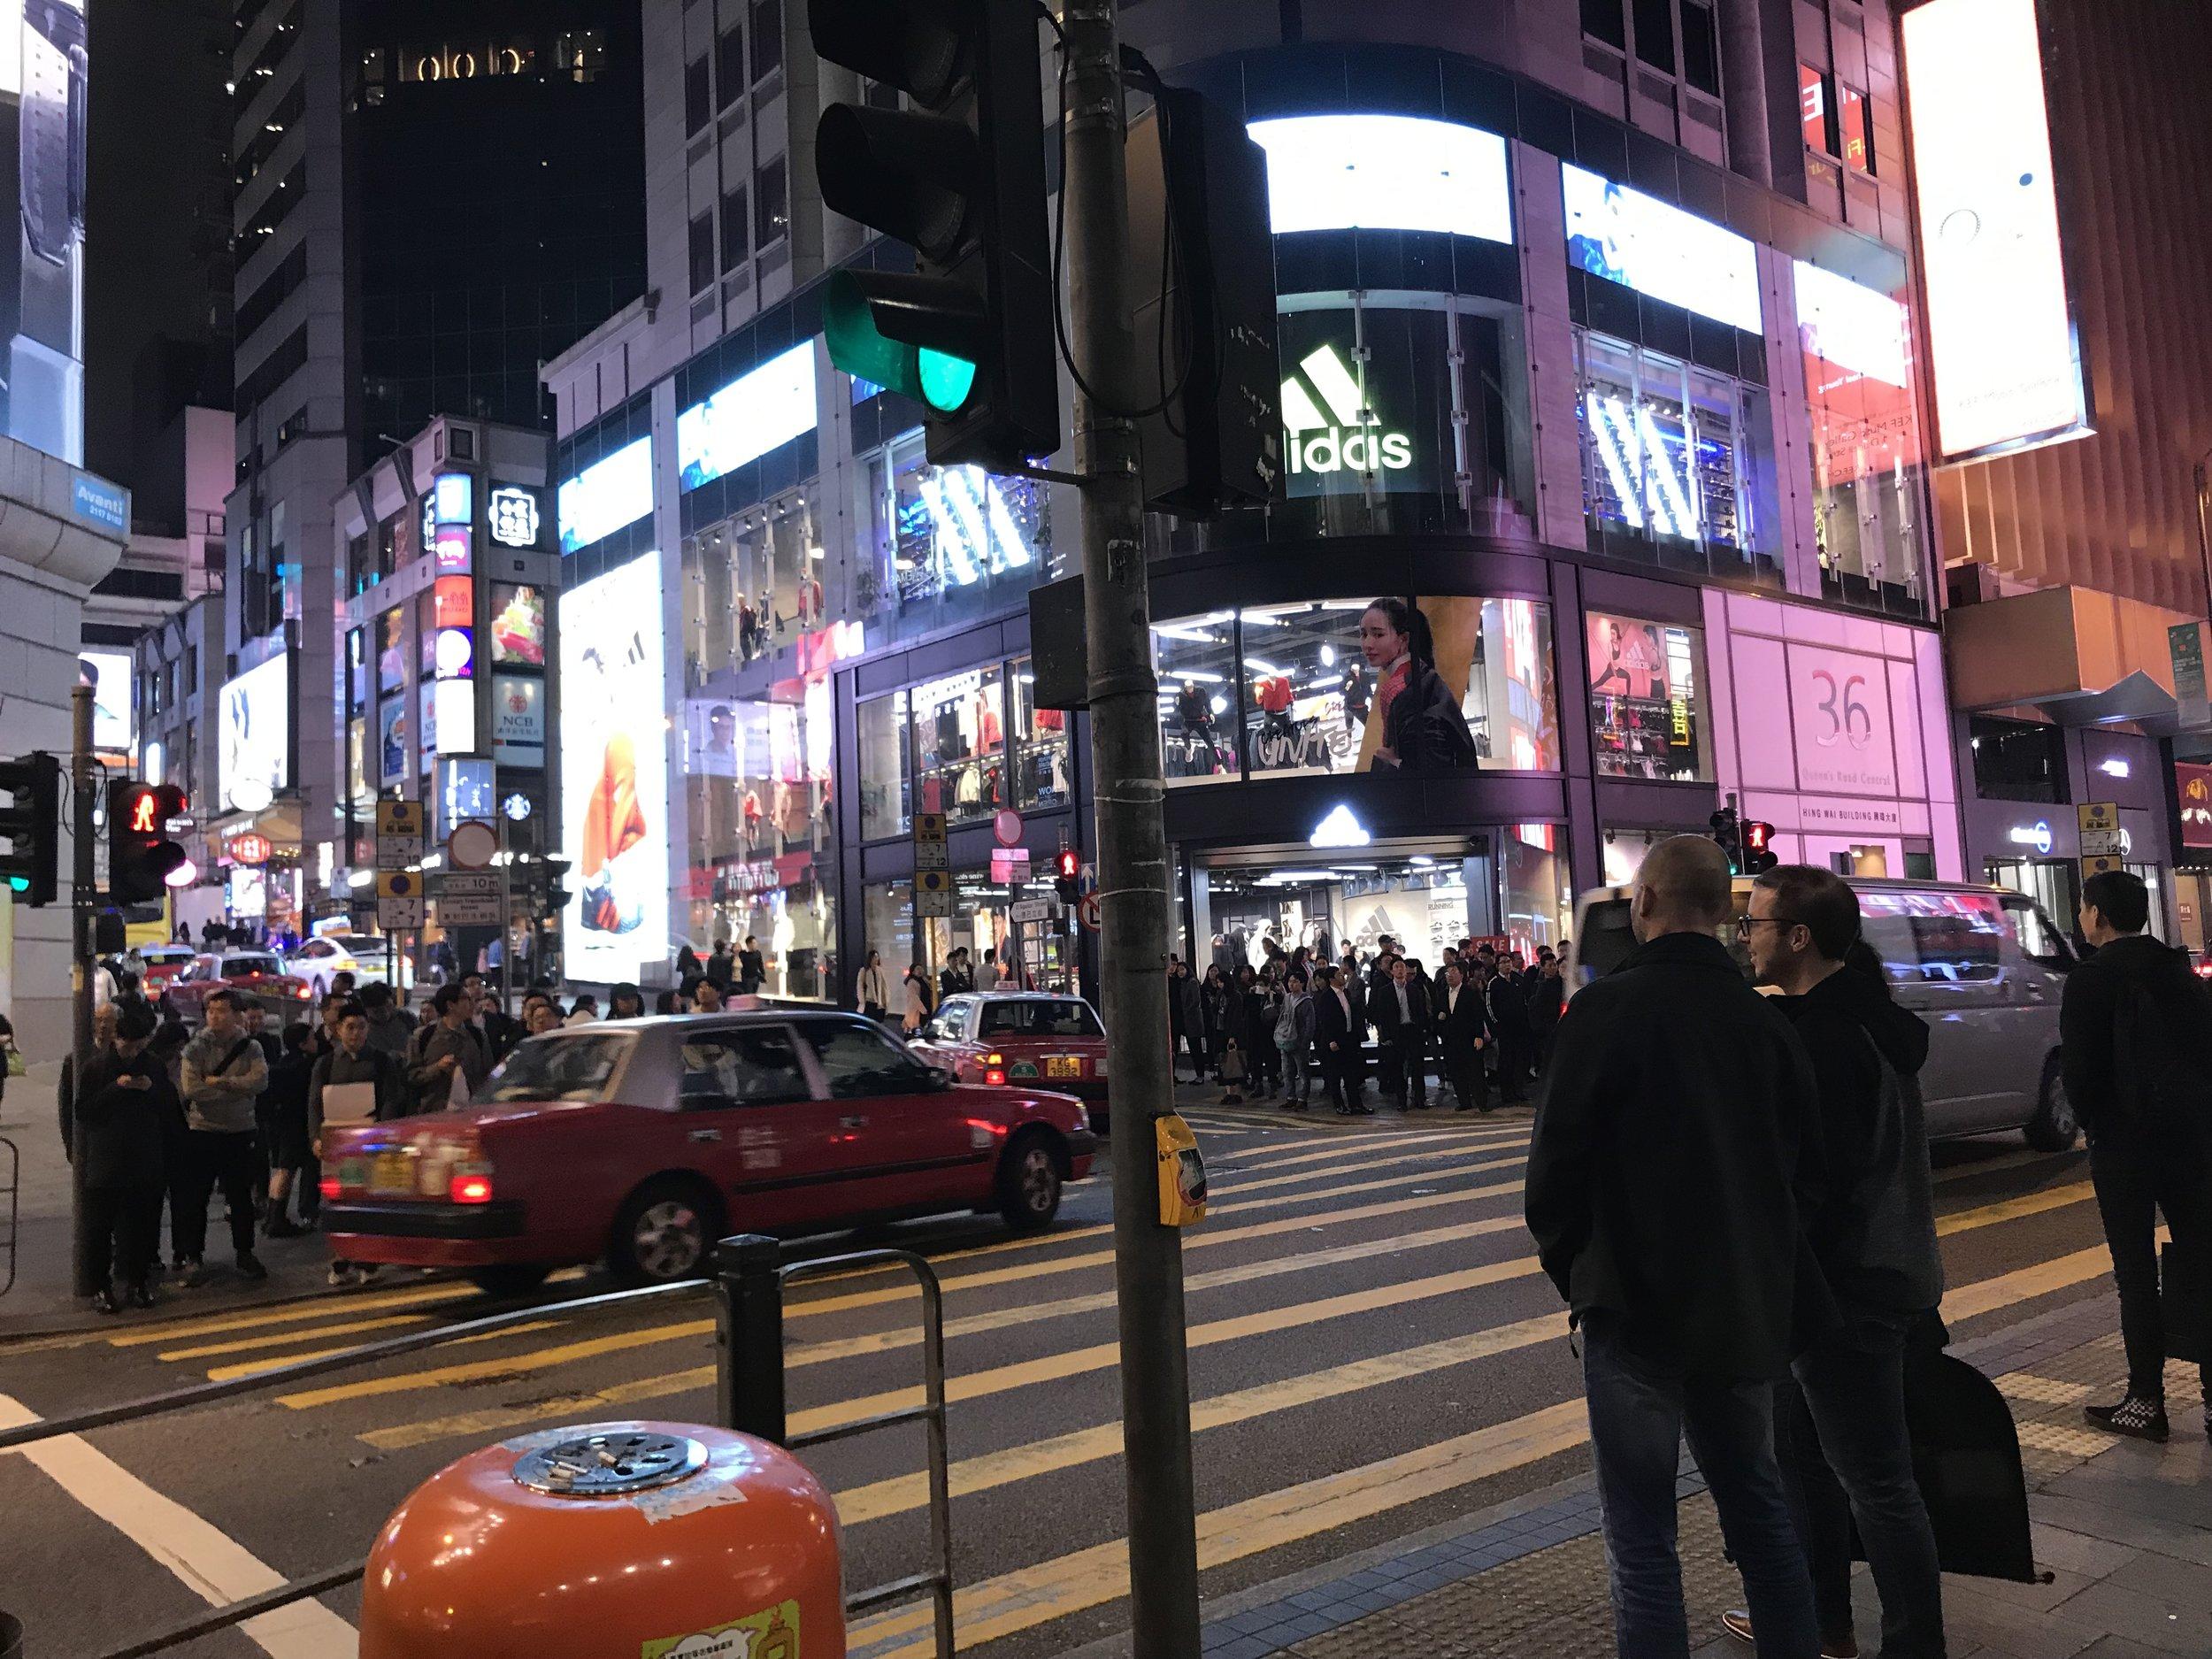 Người qua lại tấp nập trên các con đường phố đêm trên đảo Hong Kong.